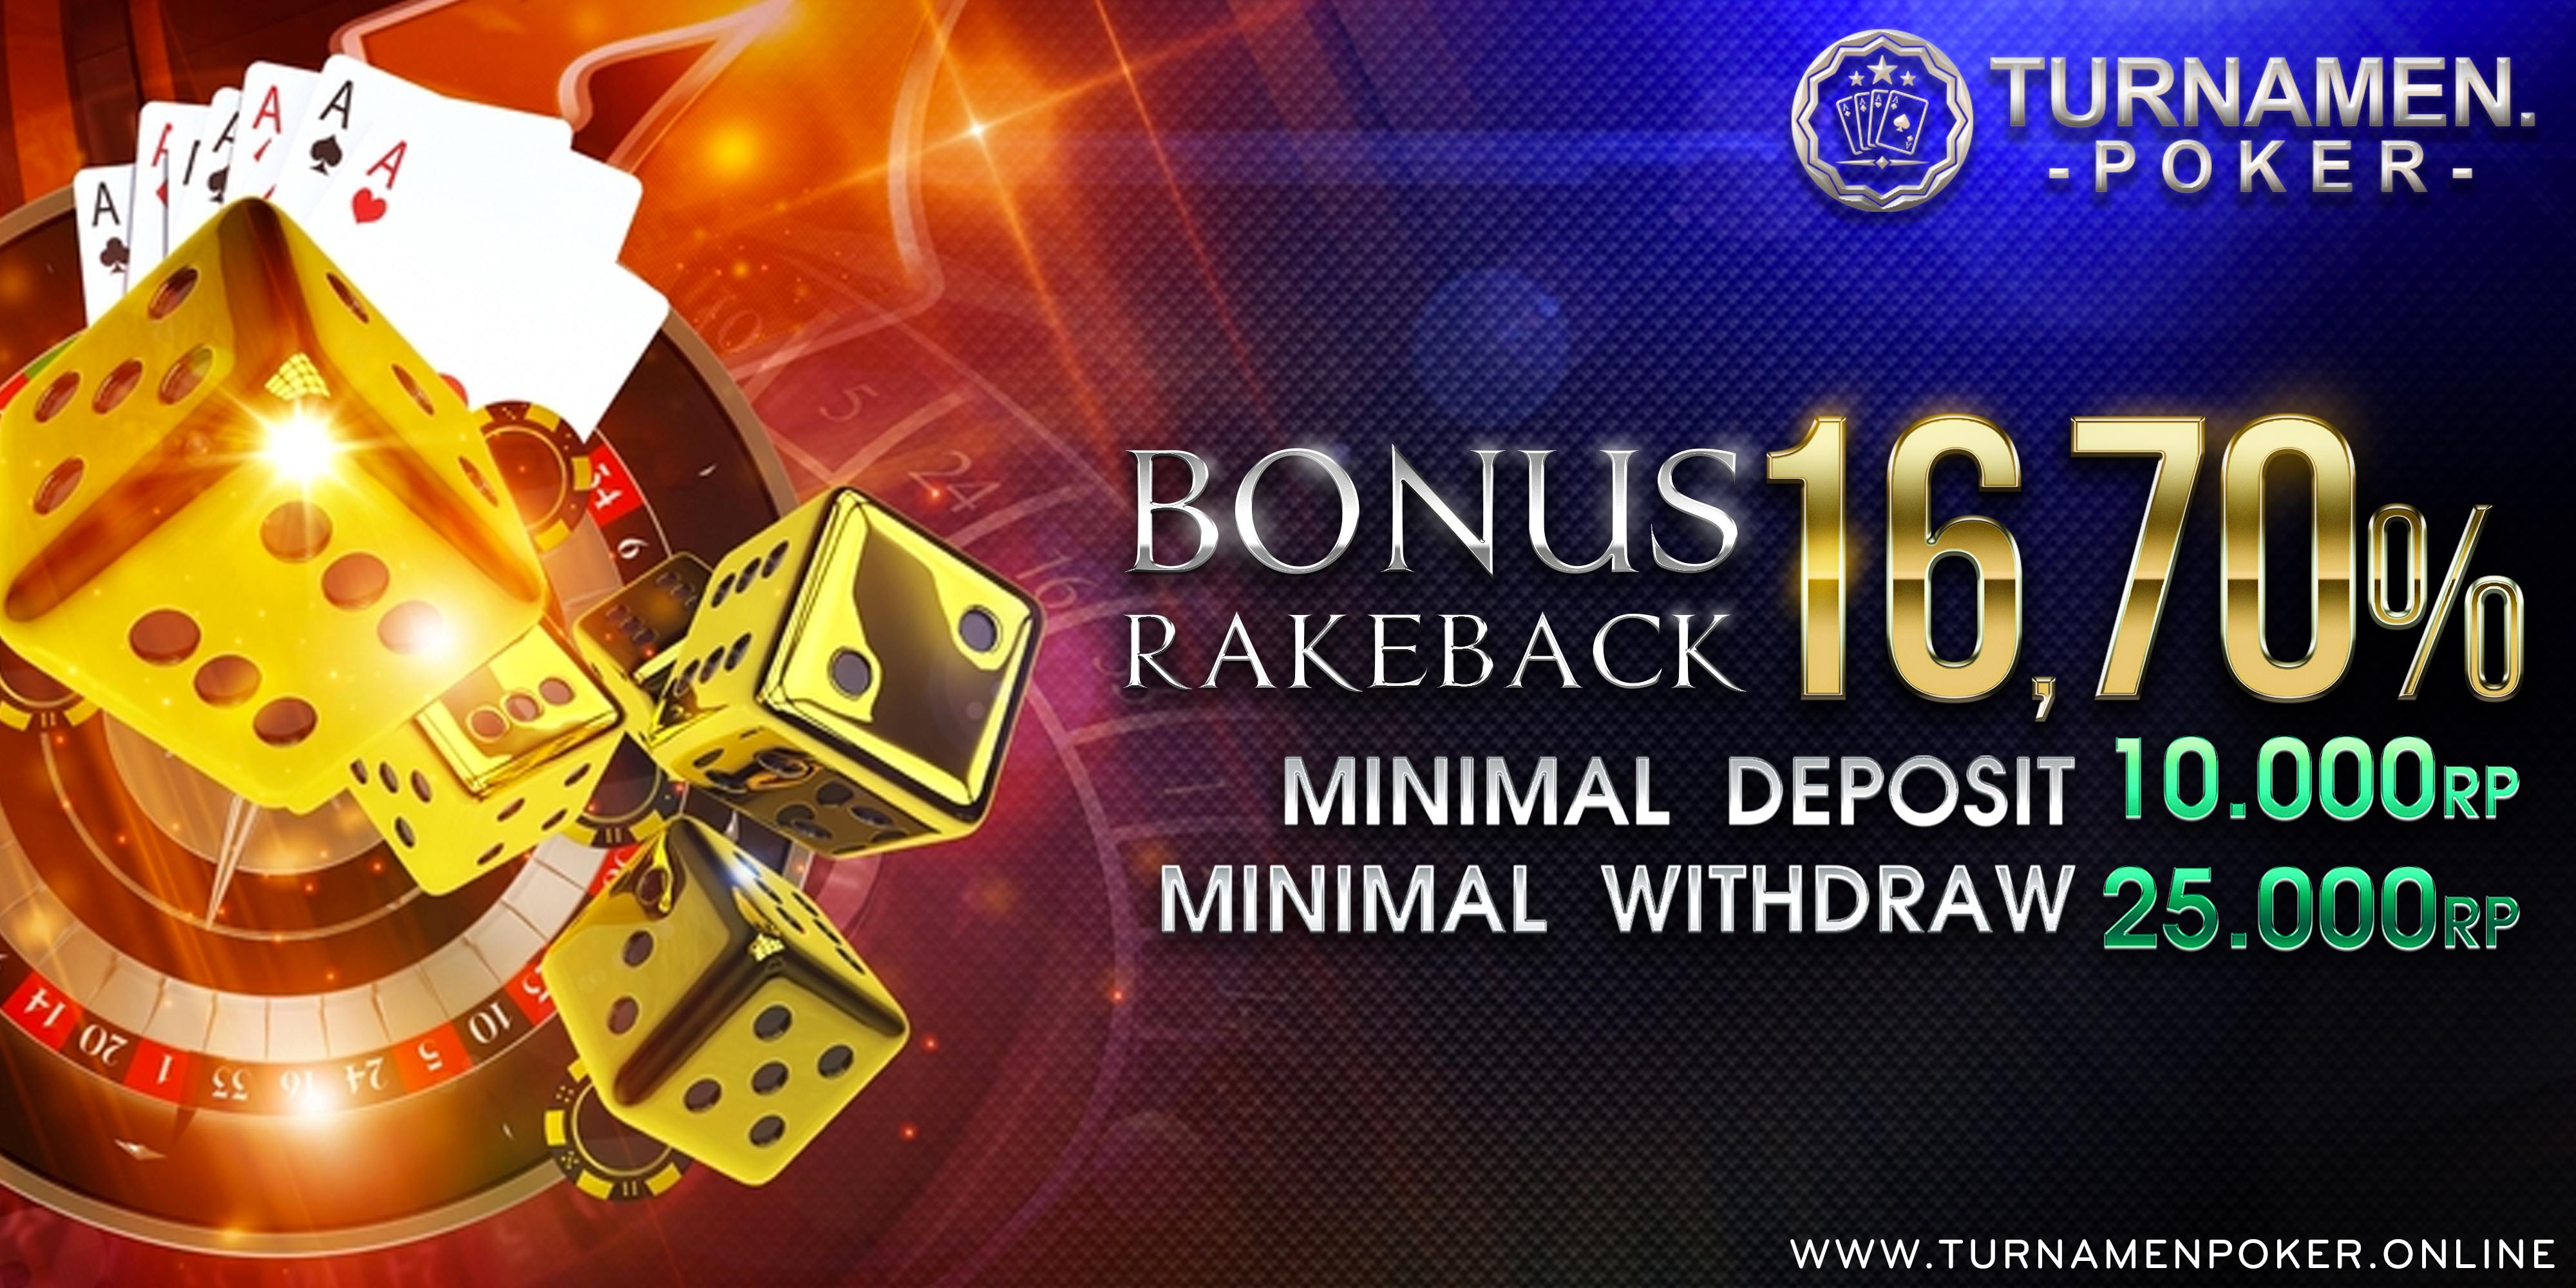 Trik Jitu Menang, Poker Online, Turnamen Poker, Capsa Susun